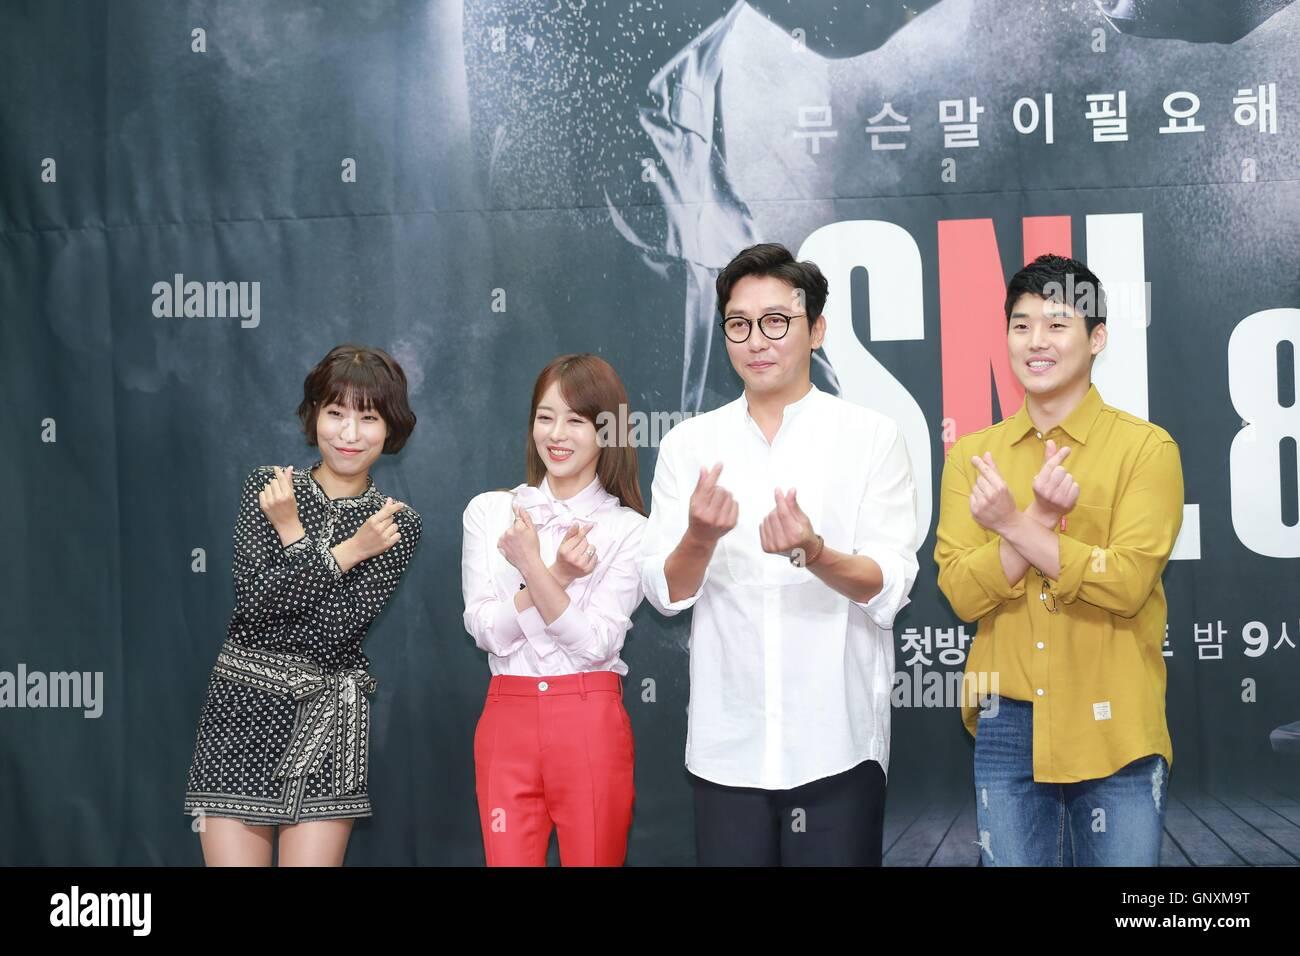 Seoul, Korea  31st Aug, 2016  Jae hun Tak, Se yeong Lee, Do-won Gwak